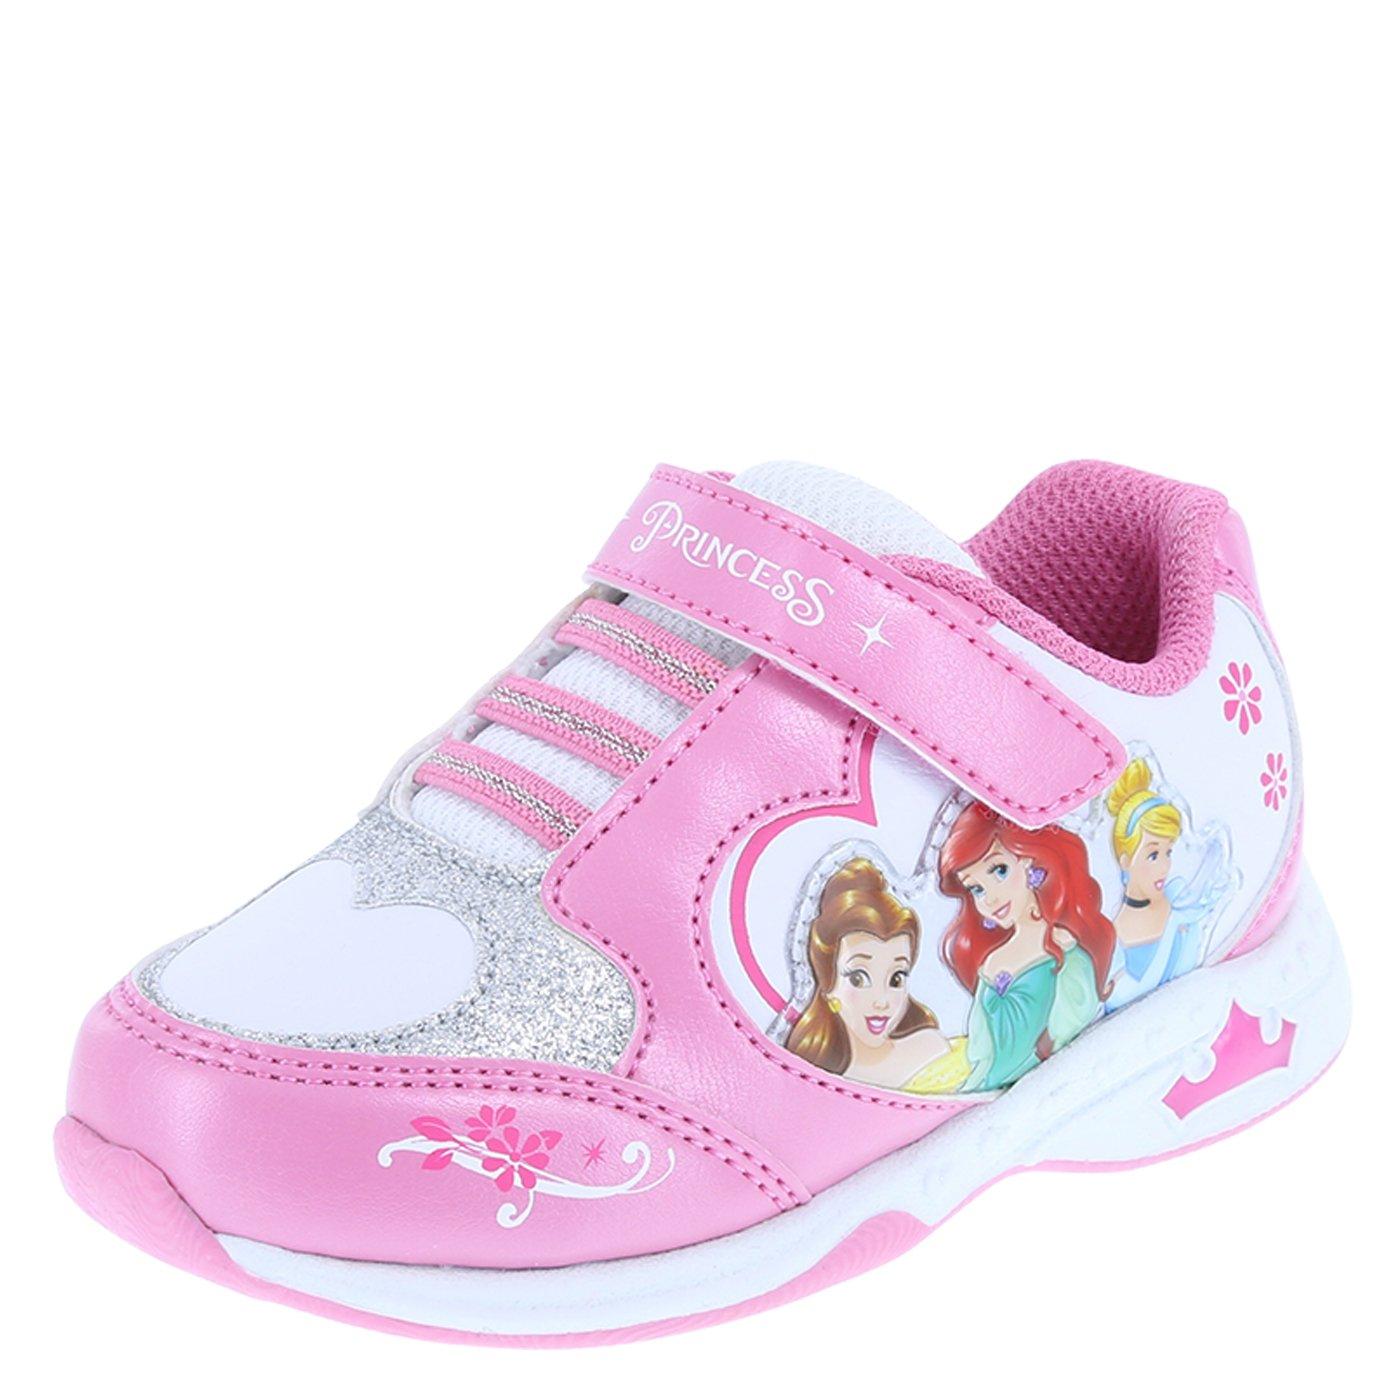 Disney Princess Girls' Toddler Princess Light-up Runner 079420-Parent